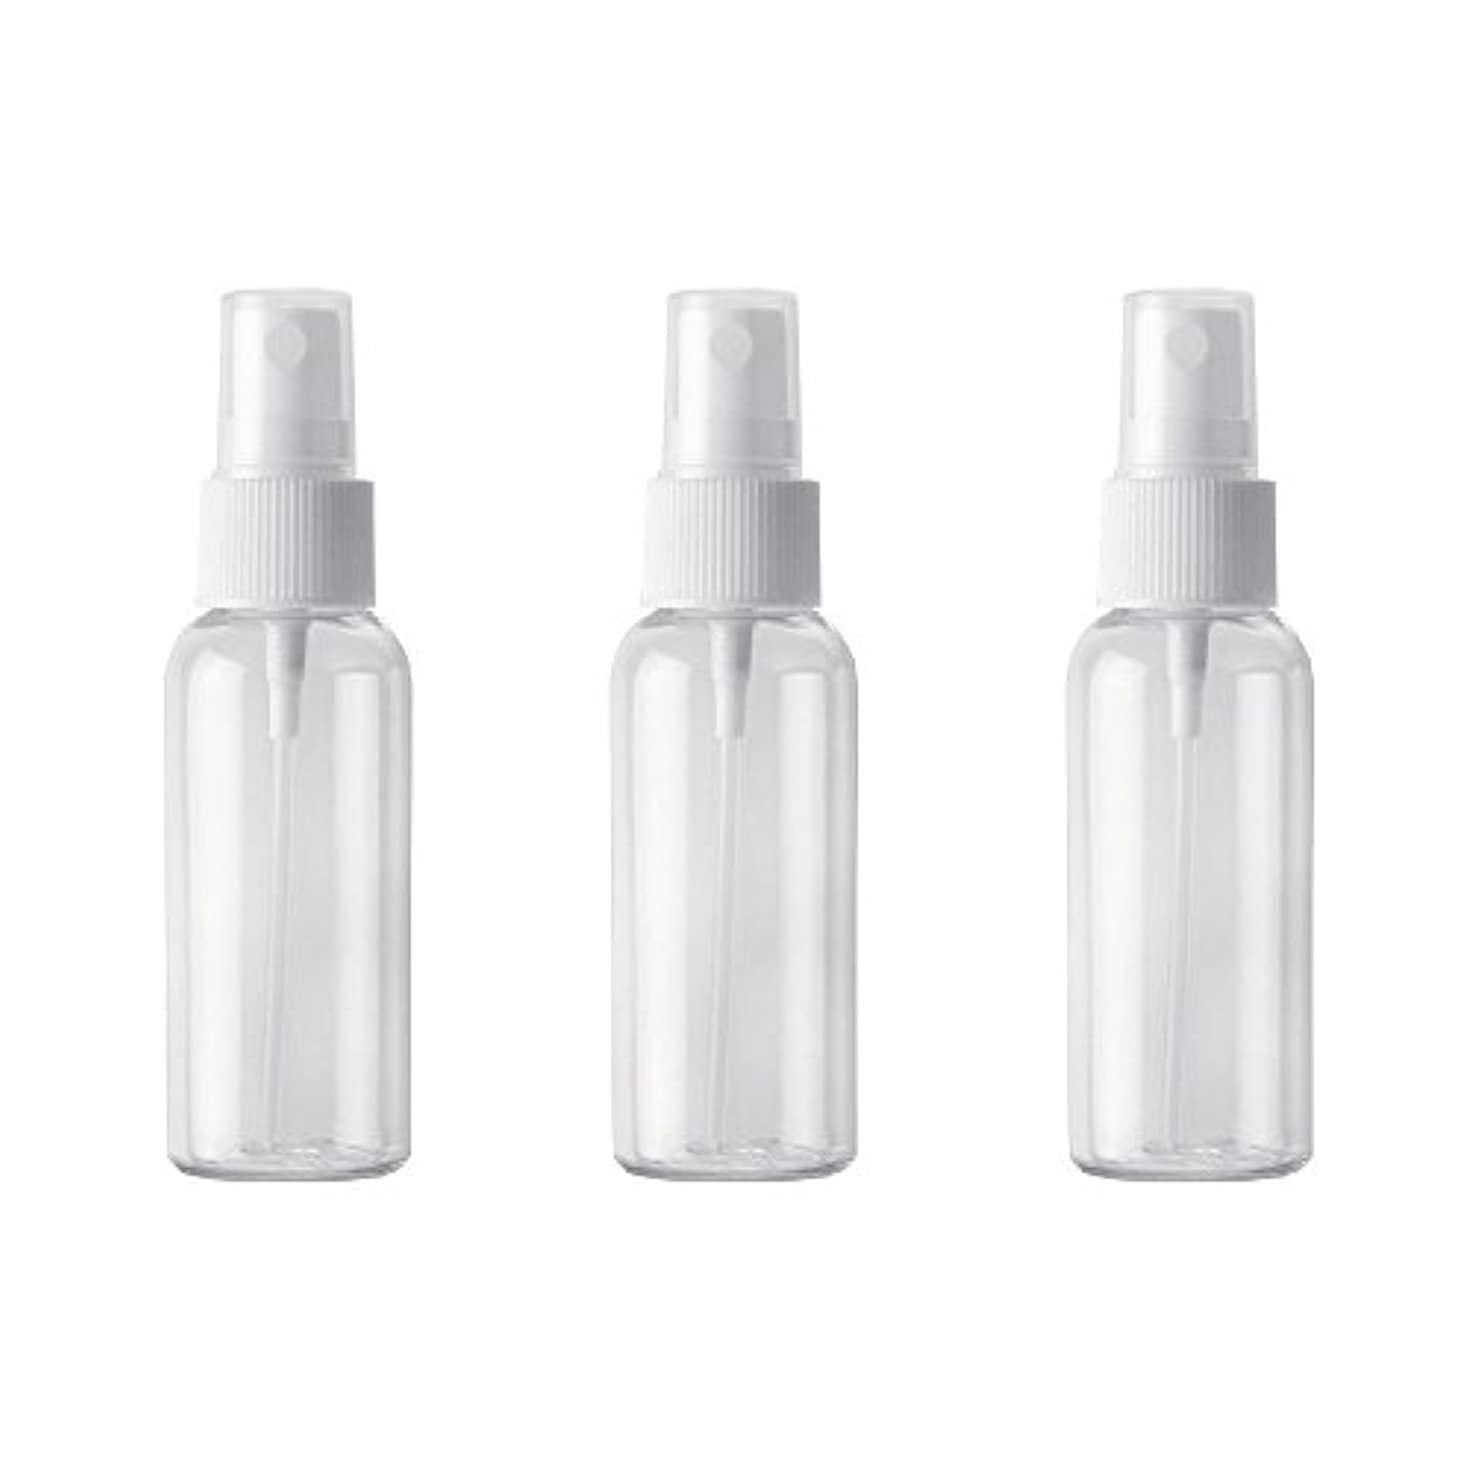 小分けボトル スプレーボトル 50ml おしゃれ 空ボトル 3本セット 環境保護の材料 PET素材 化粧水 詰替用ボトル 旅行用品 (透明)